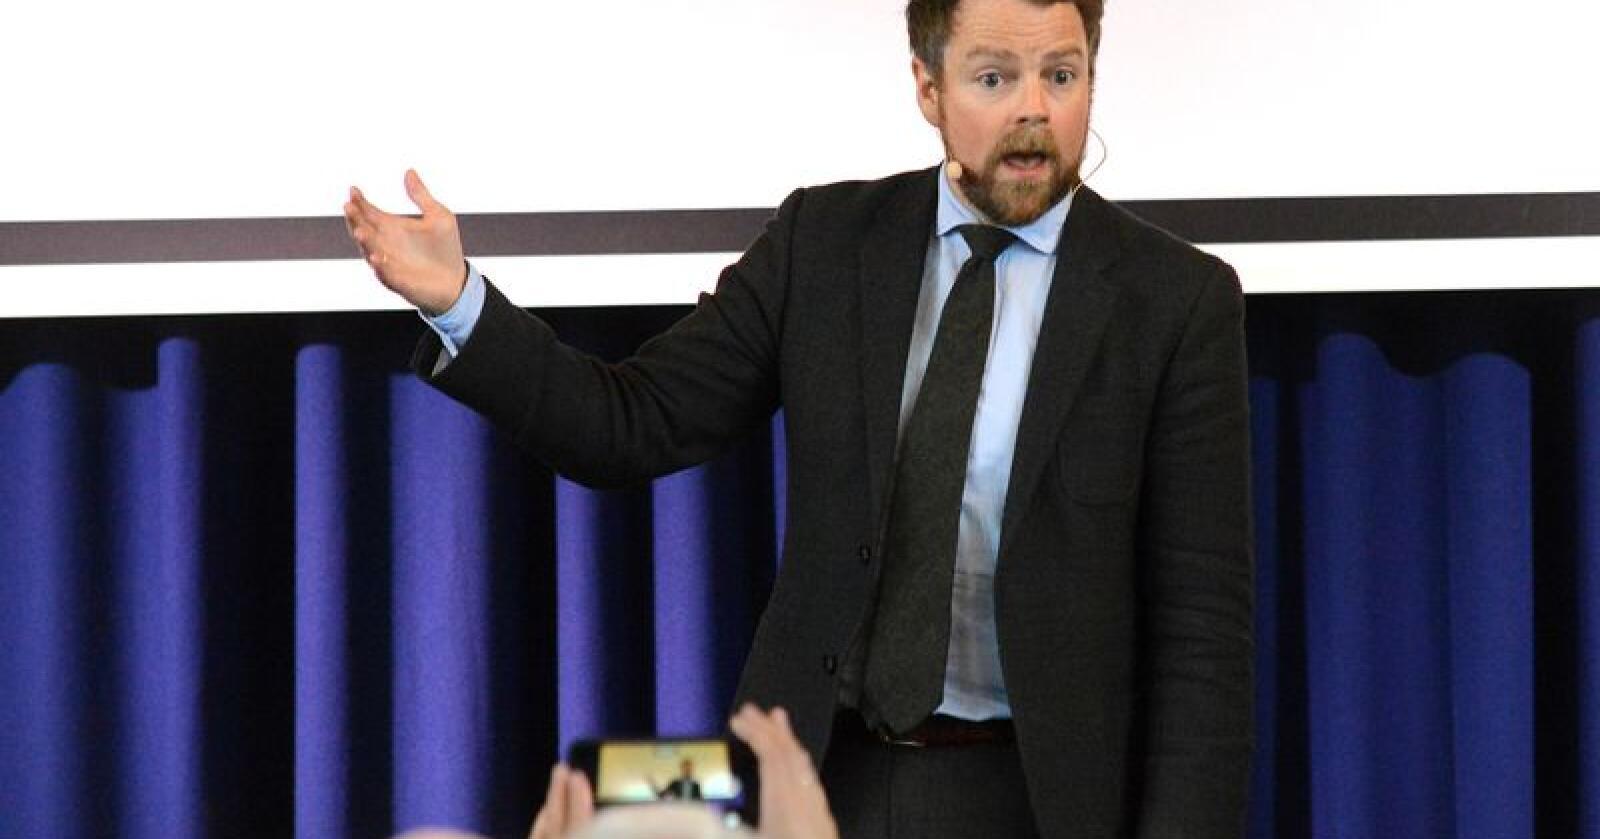 Støtte? Torbjørn Røe Isaksen kan vise til støtte hjå kommunestyret i Kvalsund og Finnmark fylkesting. Foto: Siri Juell Rasmussen